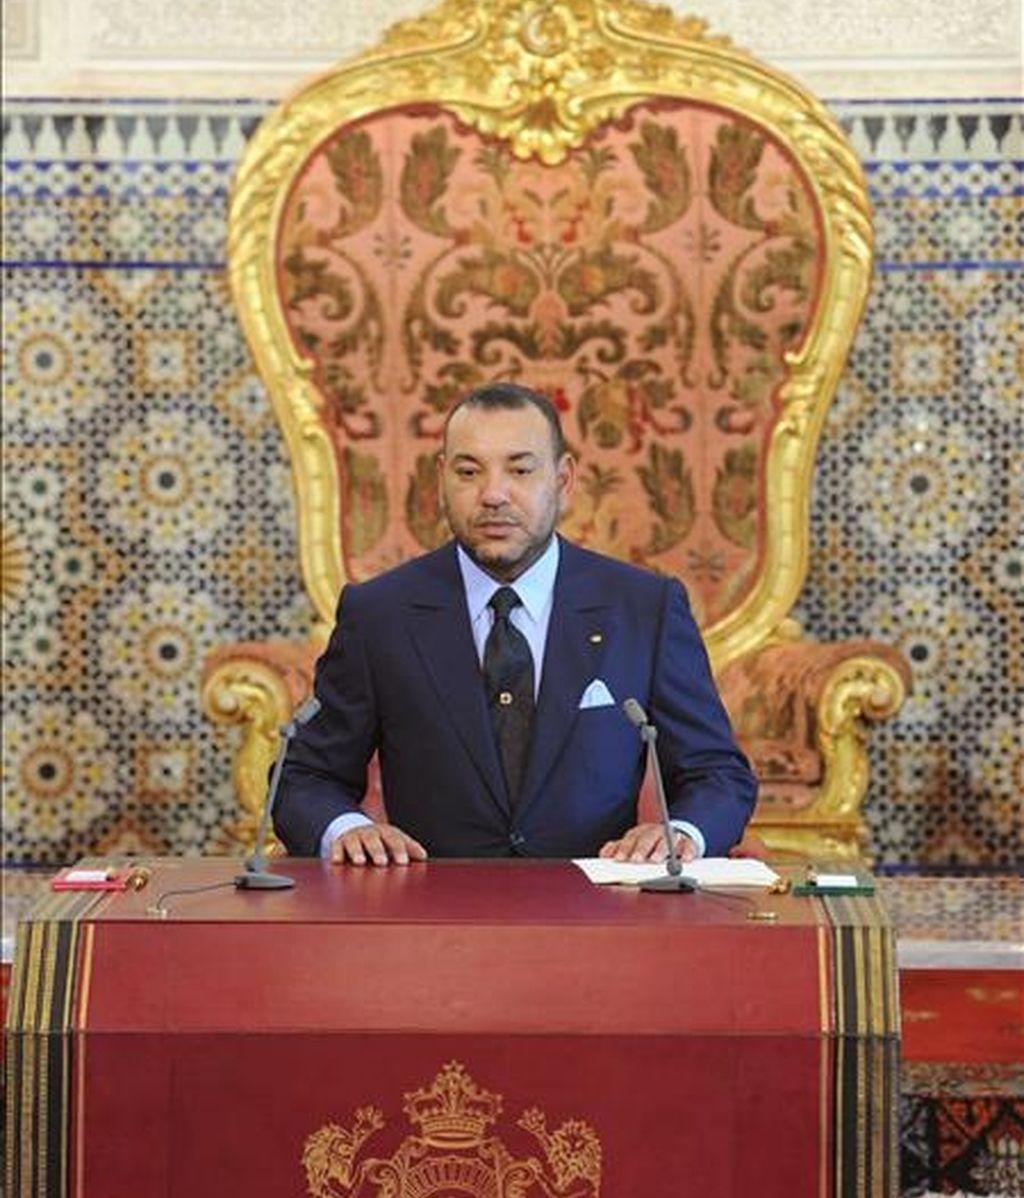 El rey Mohamed VI de Marruecos (en la imagen) ha nombrado hoy al saharaui Ahmedu Uld Suilem como nuevo embajador de su país en España, según ha anunciado la agencia oficial marroquí MAP. EFE/Archivo